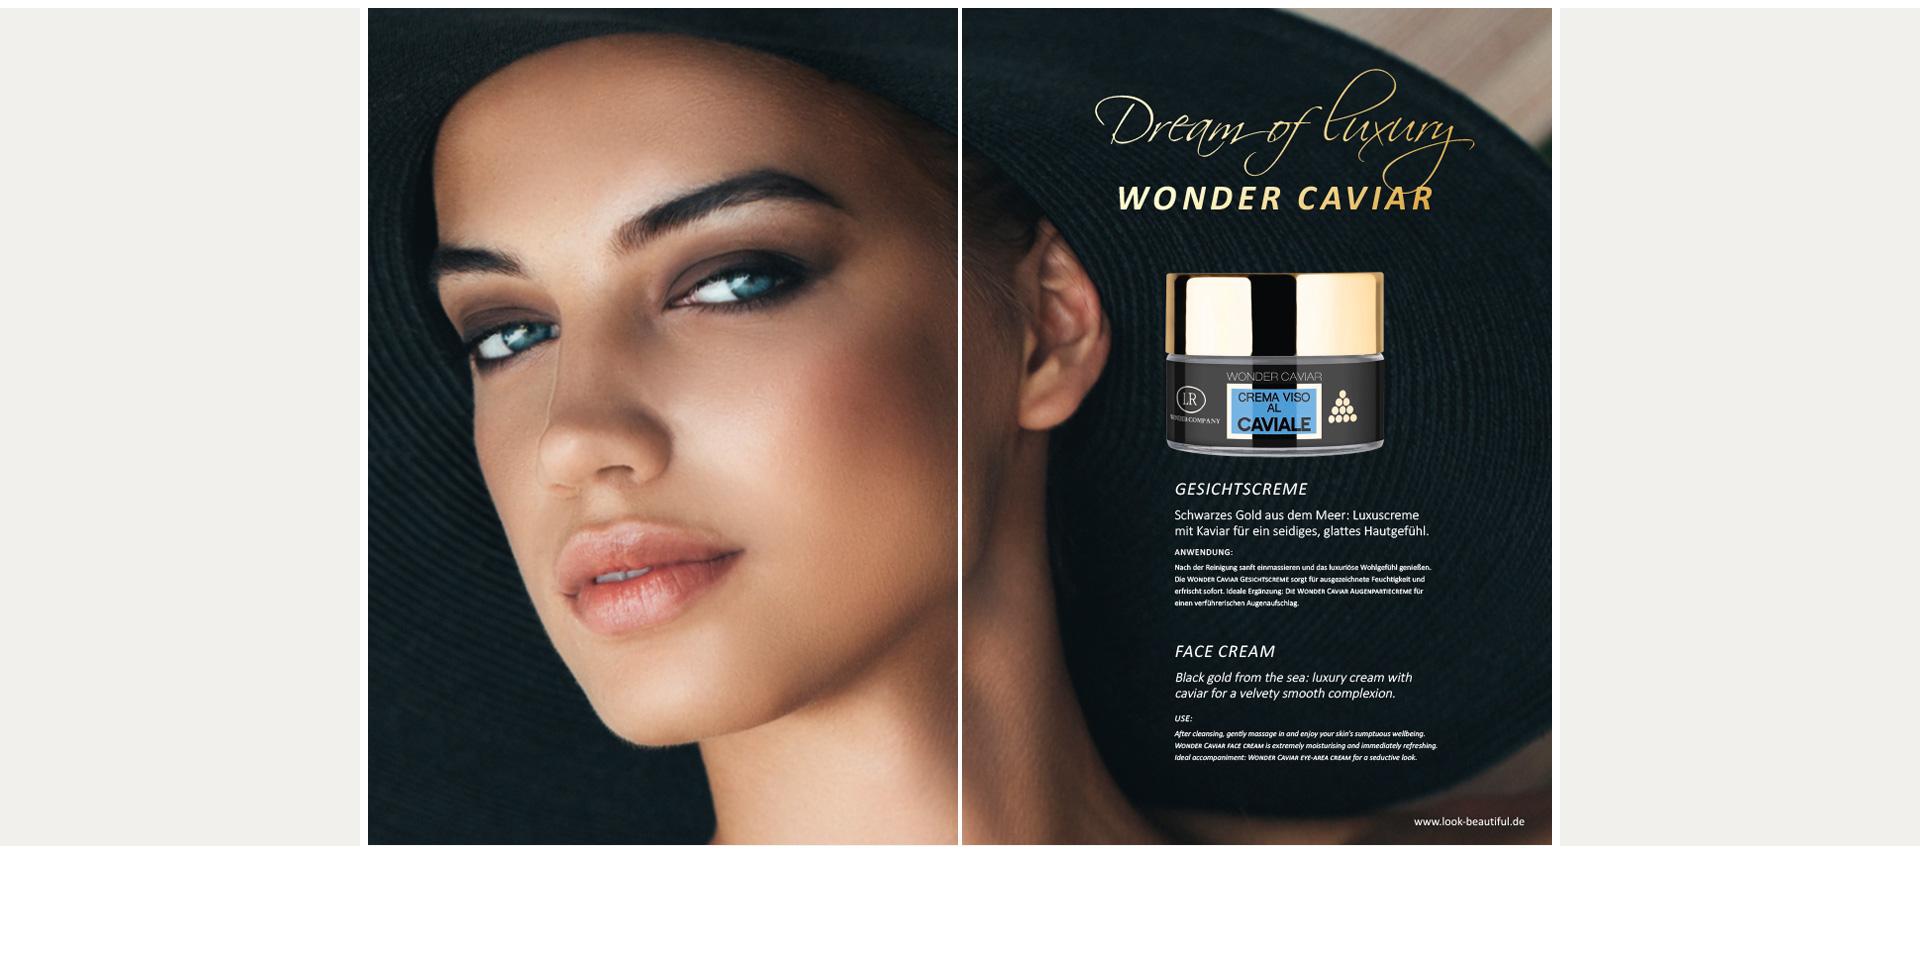 lr-wonder-katalog-06